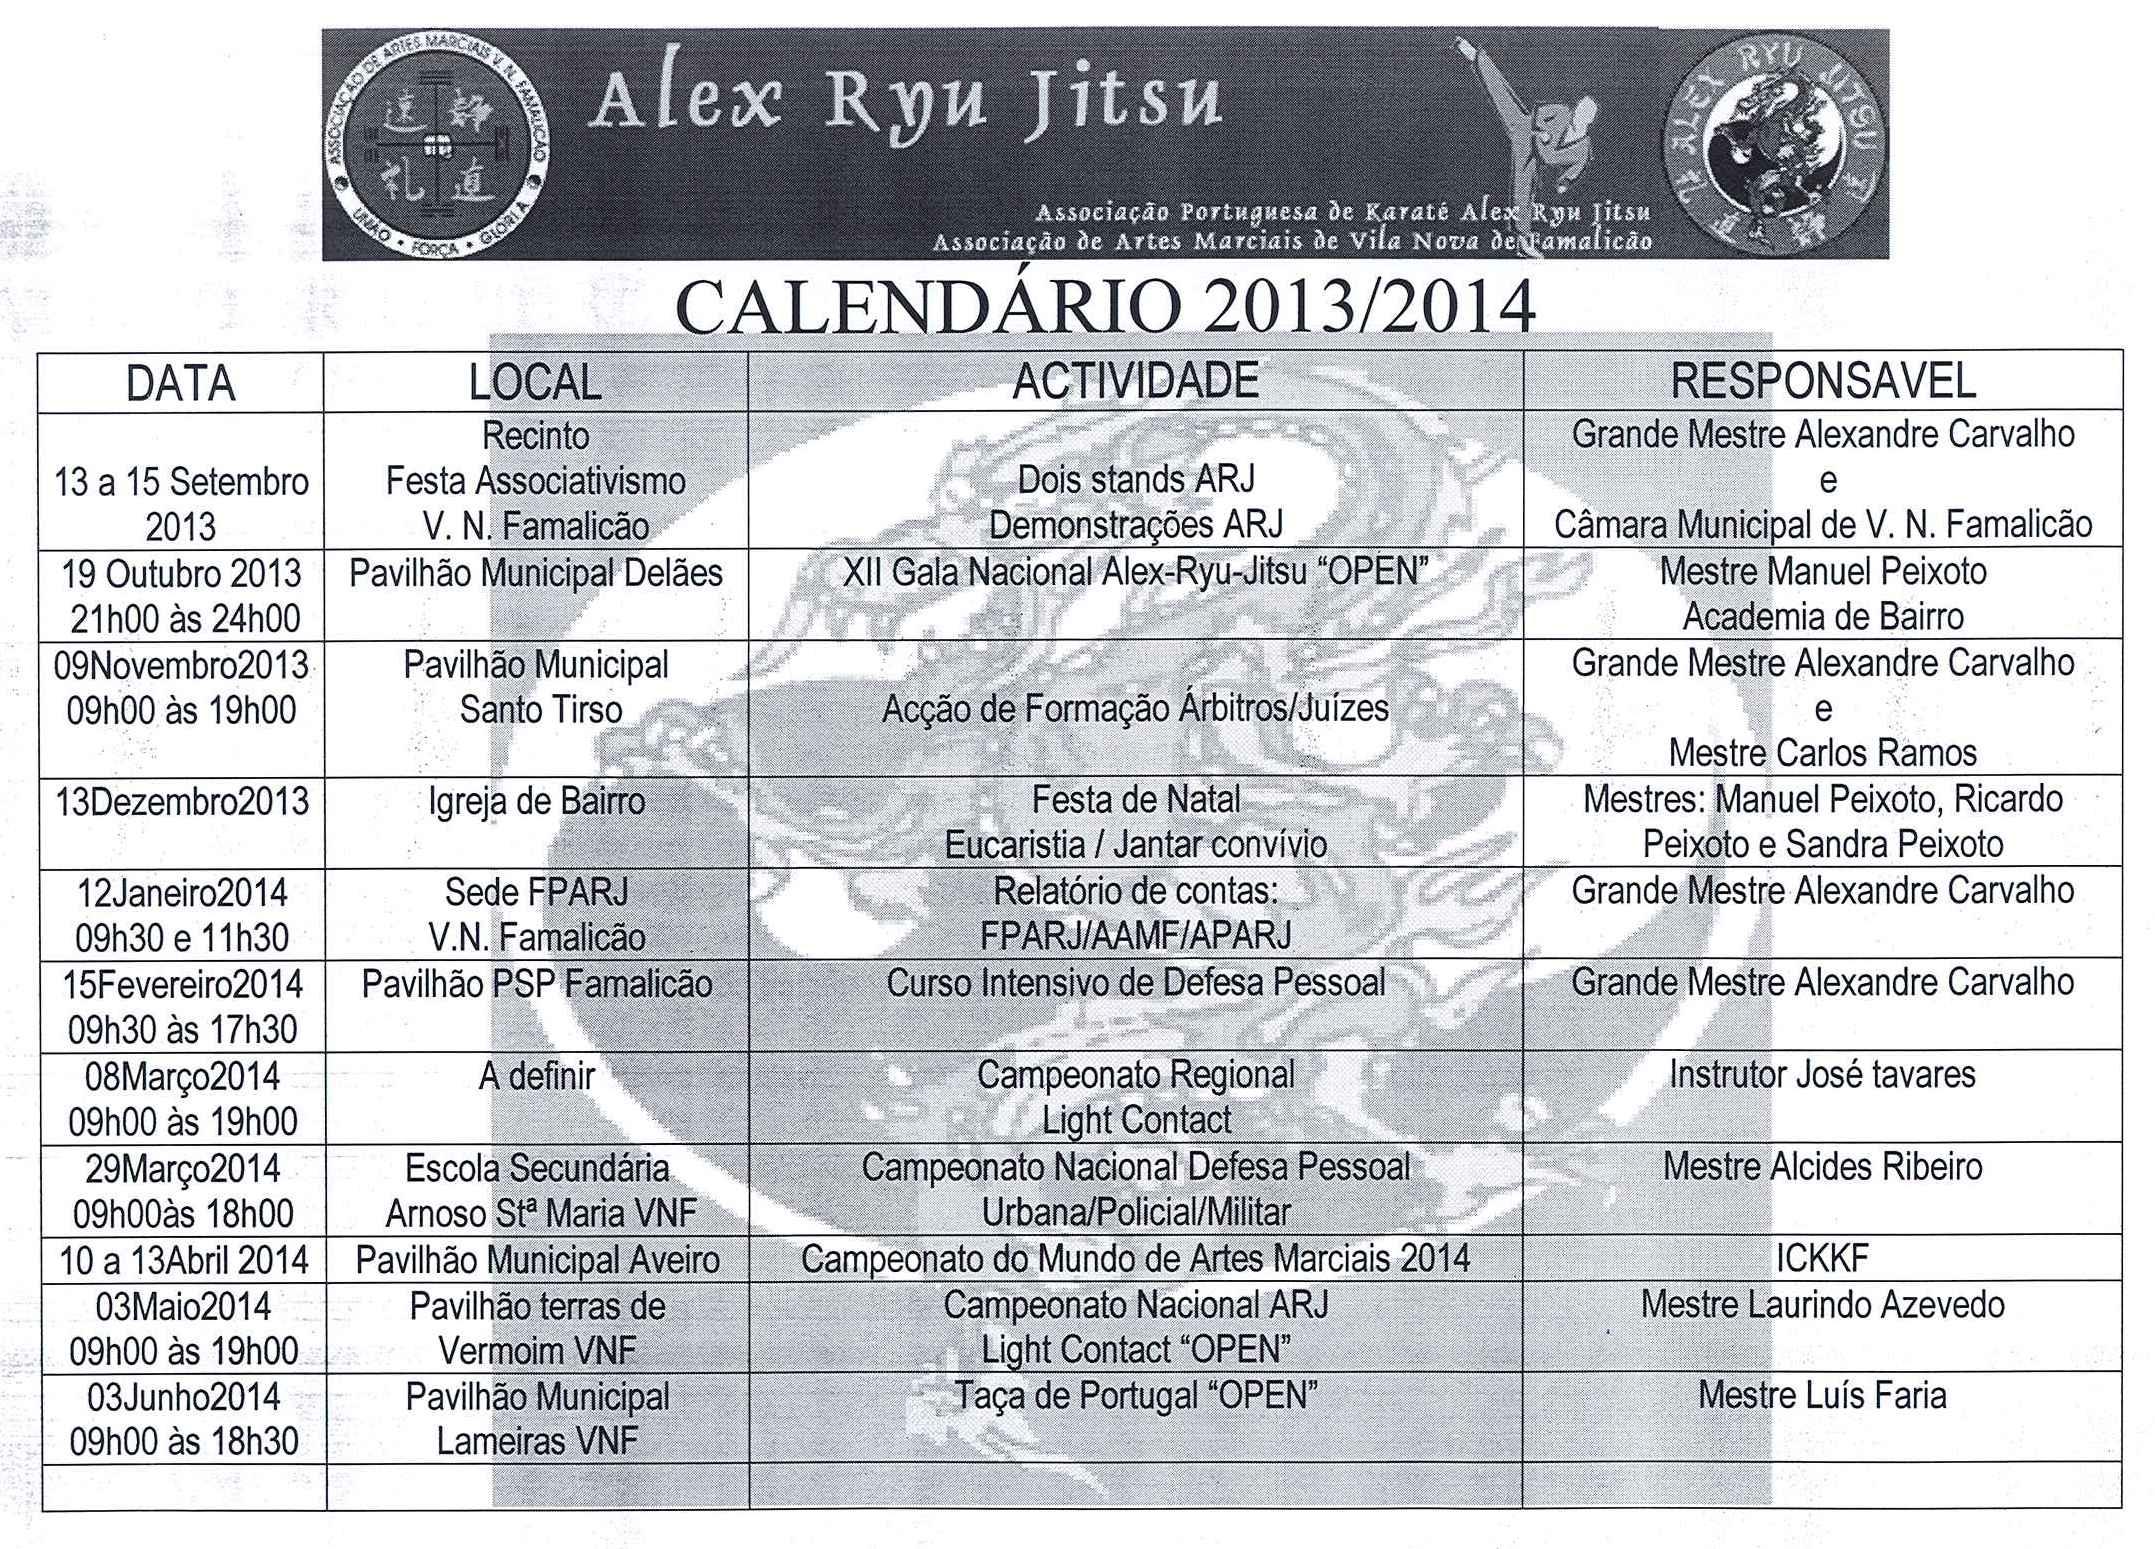 Alex_Ryu_Jitsu_Calendário